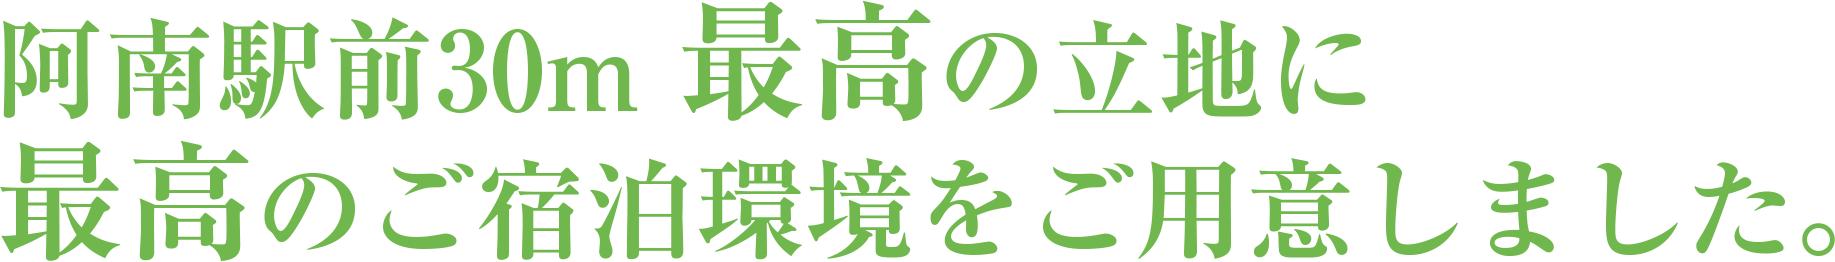 あなんステーションホテル-楽天トラベル